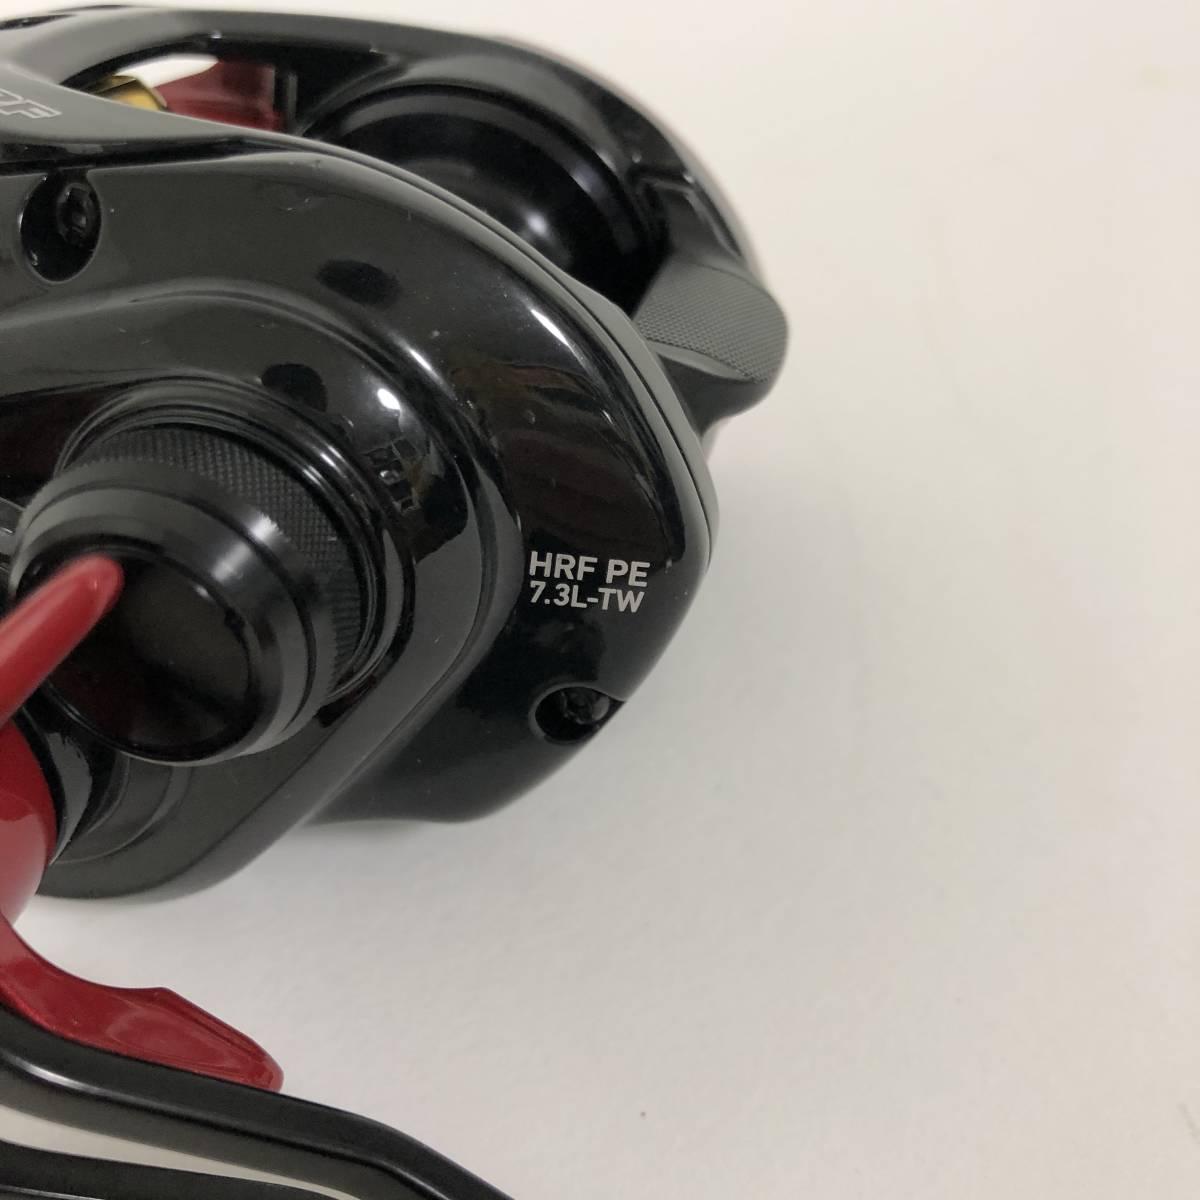 ダイワ リール HRF PEスペシャル 7.3-TW 左ハンドル ロックフィッシュ・シーバス 海釣り(N1012_4)_画像8